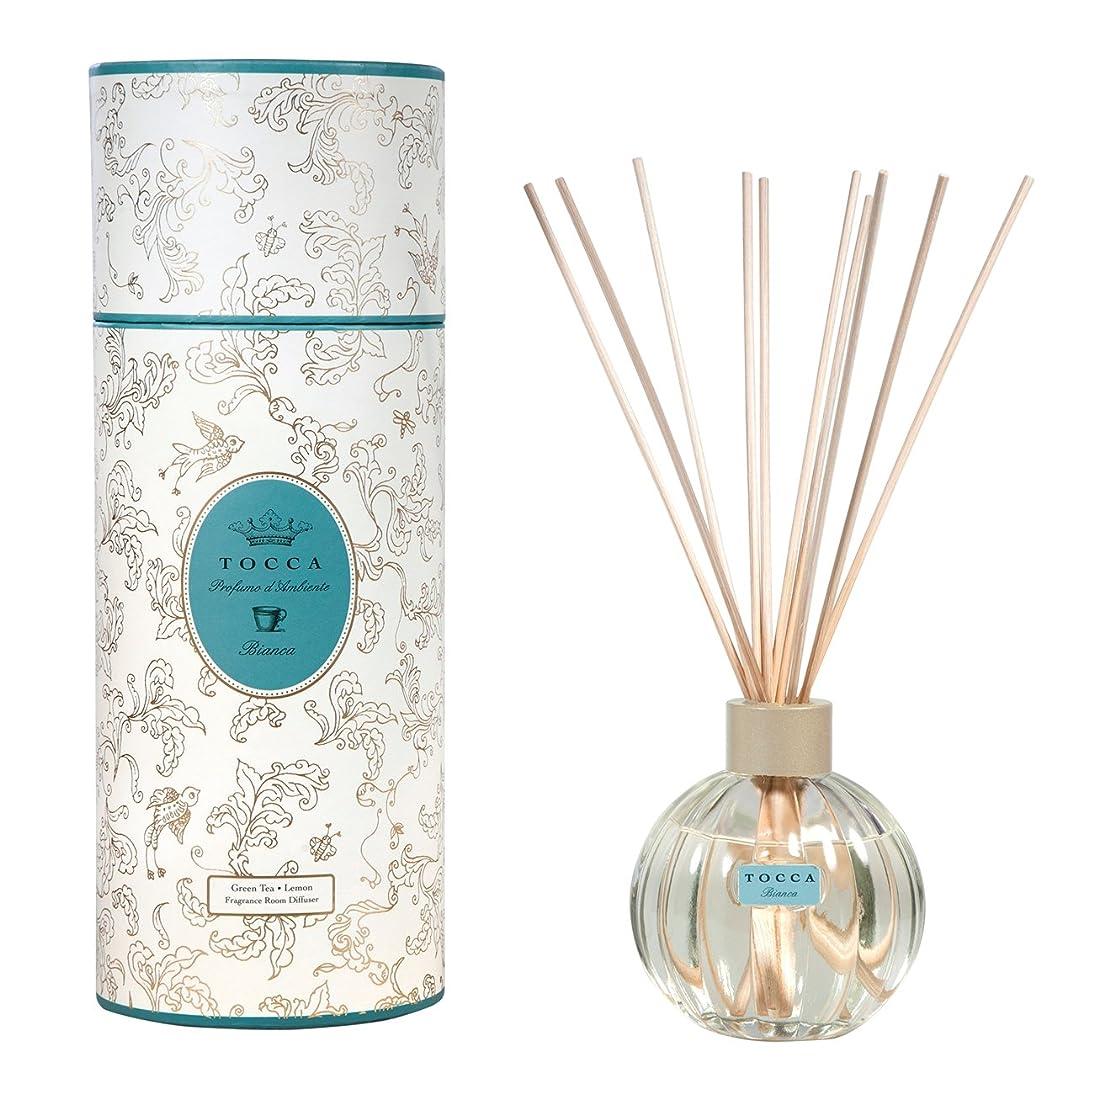 ブランド資産ピストルトッカ(TOCCA) リードディフューザー ビアンカの香り 175ml 3~4ヶ月持続(芳香剤 ルームフレグランス シトラスとグリーンティー、ローズが絶妙に溶け合ったほのかに甘さ漂うフレッシュな香り)